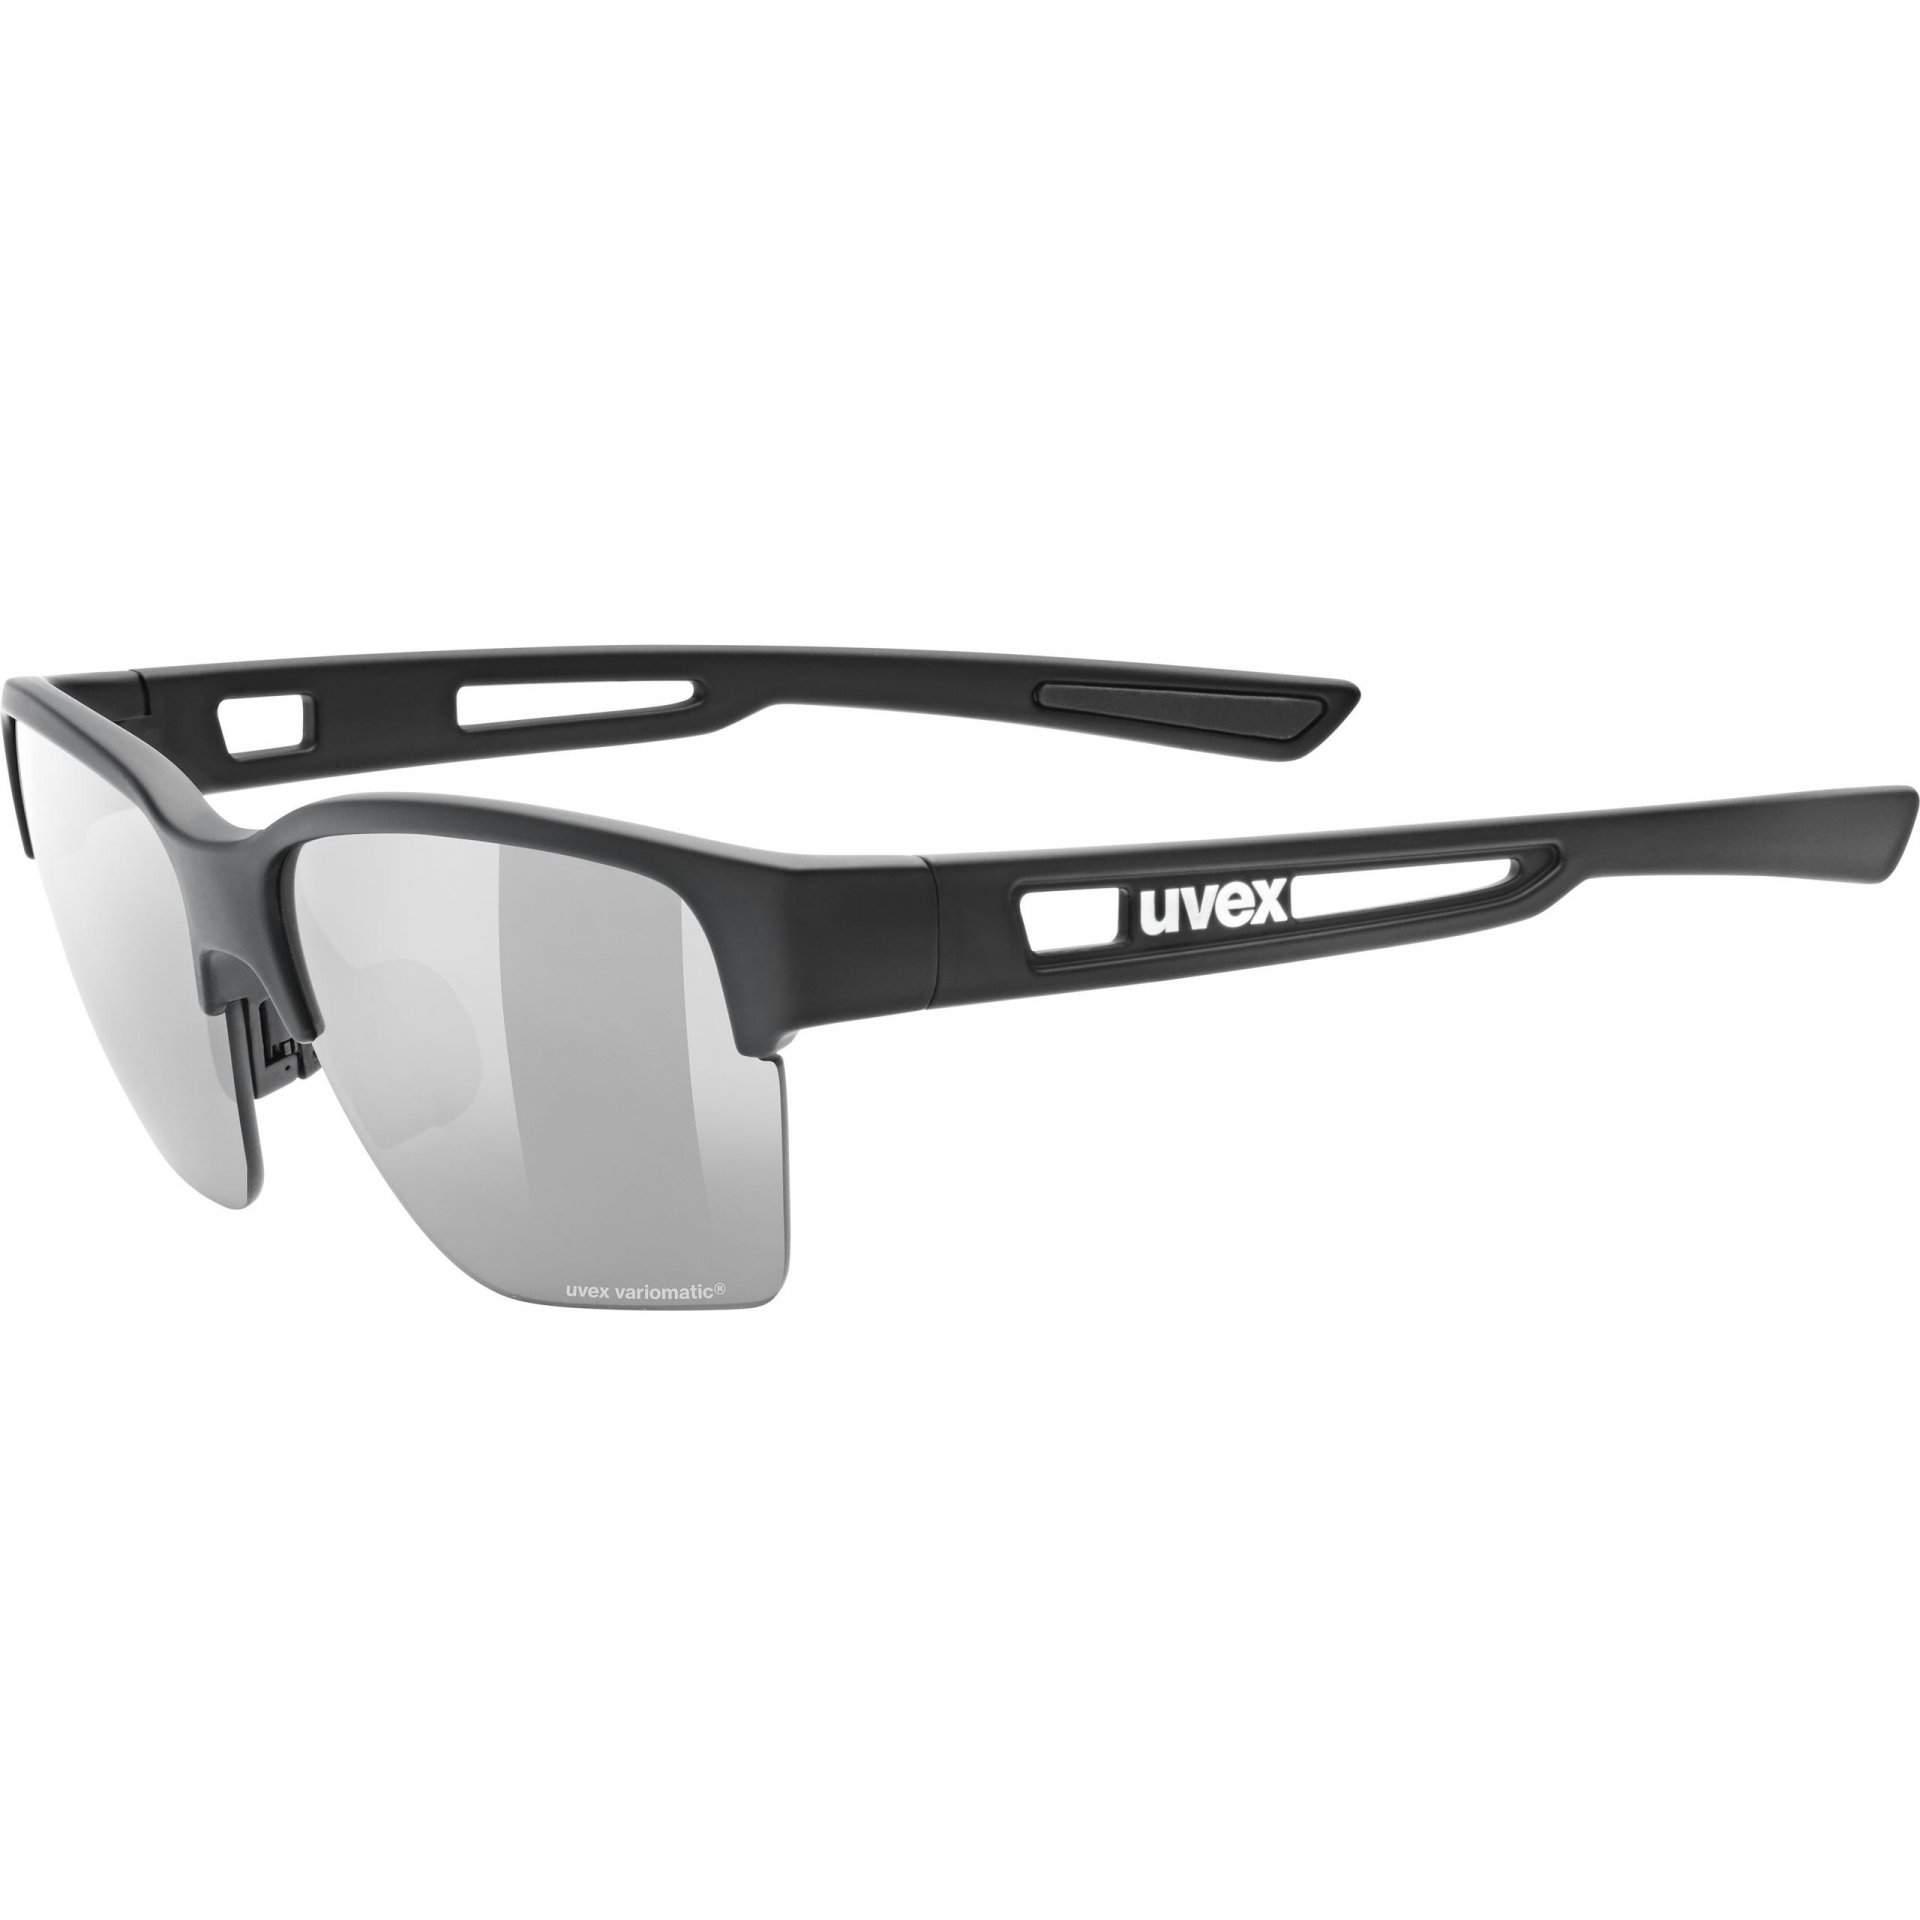 OKULARY UVEX SPORTSTYLE 805 V 53|2|062|2201 BLACK MAT